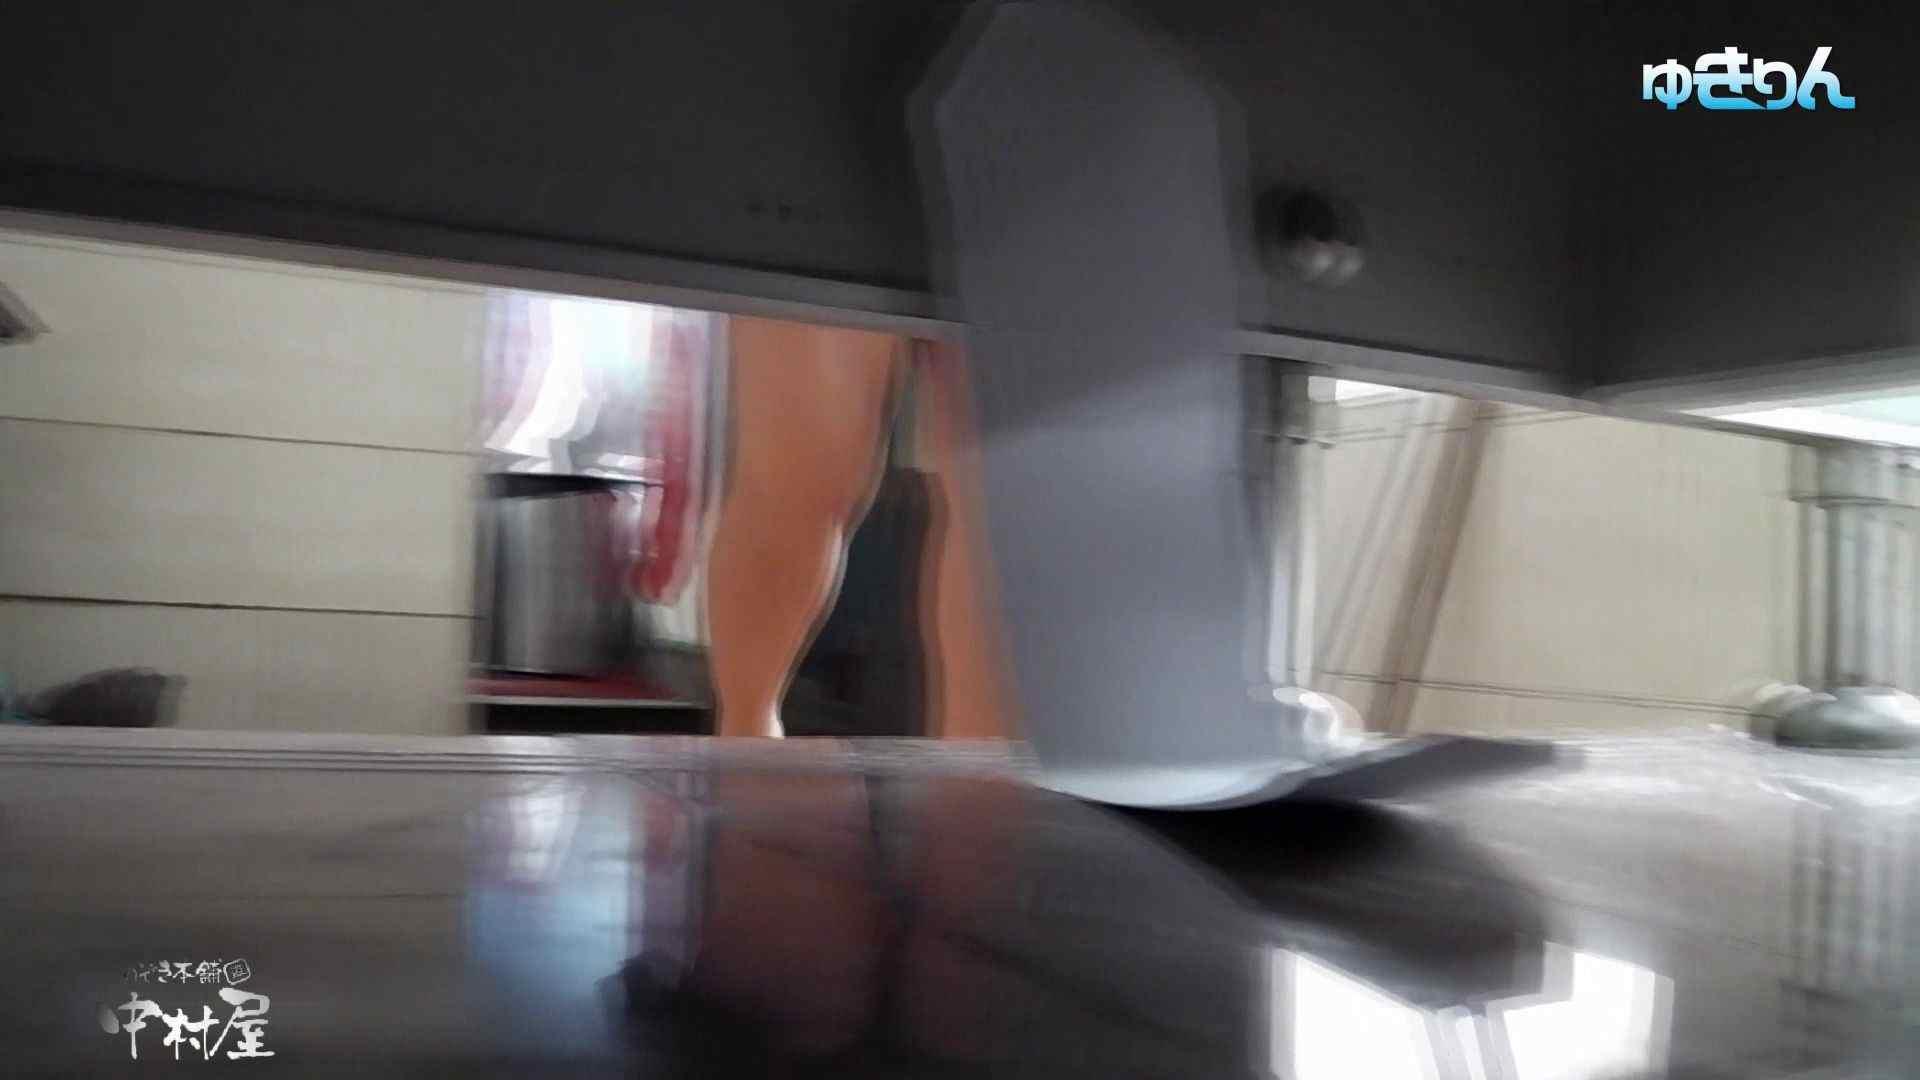 世界の射窓から~ステーション編 vol59 ユキリン奮闘!!新しいカメラに変更しました。中編 OLエロ画像  101PICs 94